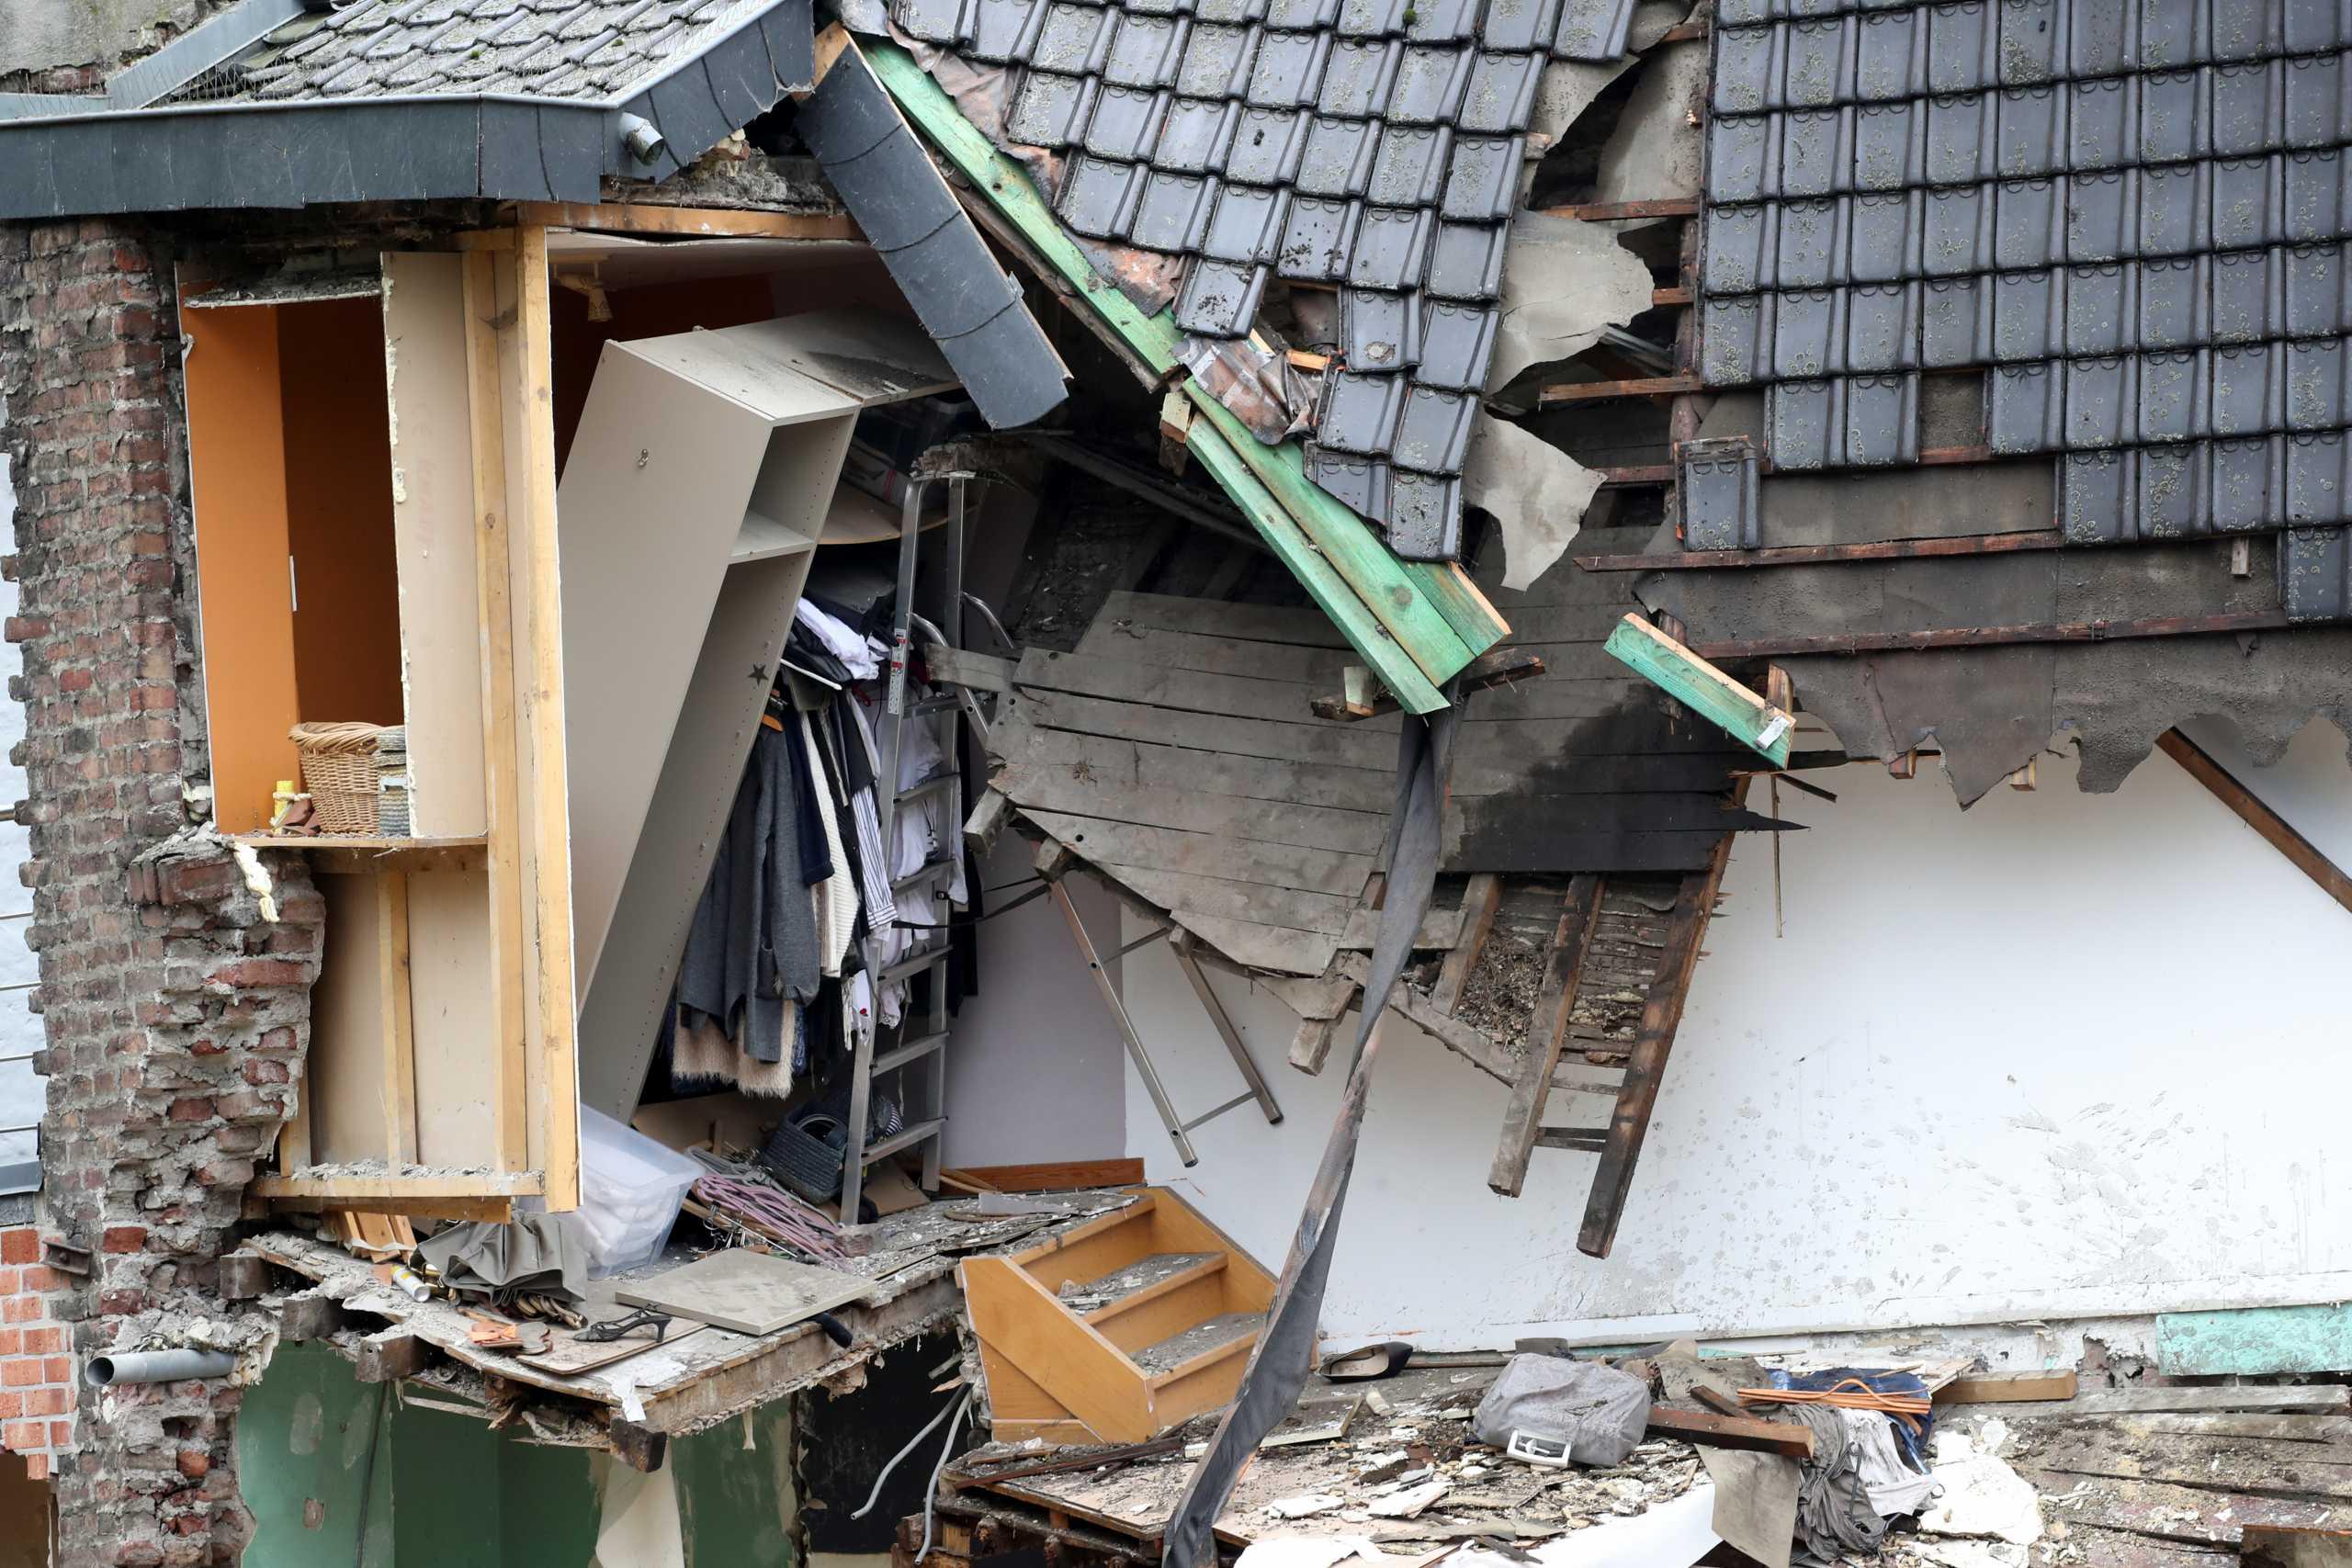 Βέλγιο: Διαλύθηκε η Τρο από τις πλημμύρες – Πολλοί νεκροί και τεράστιες καταστροφές